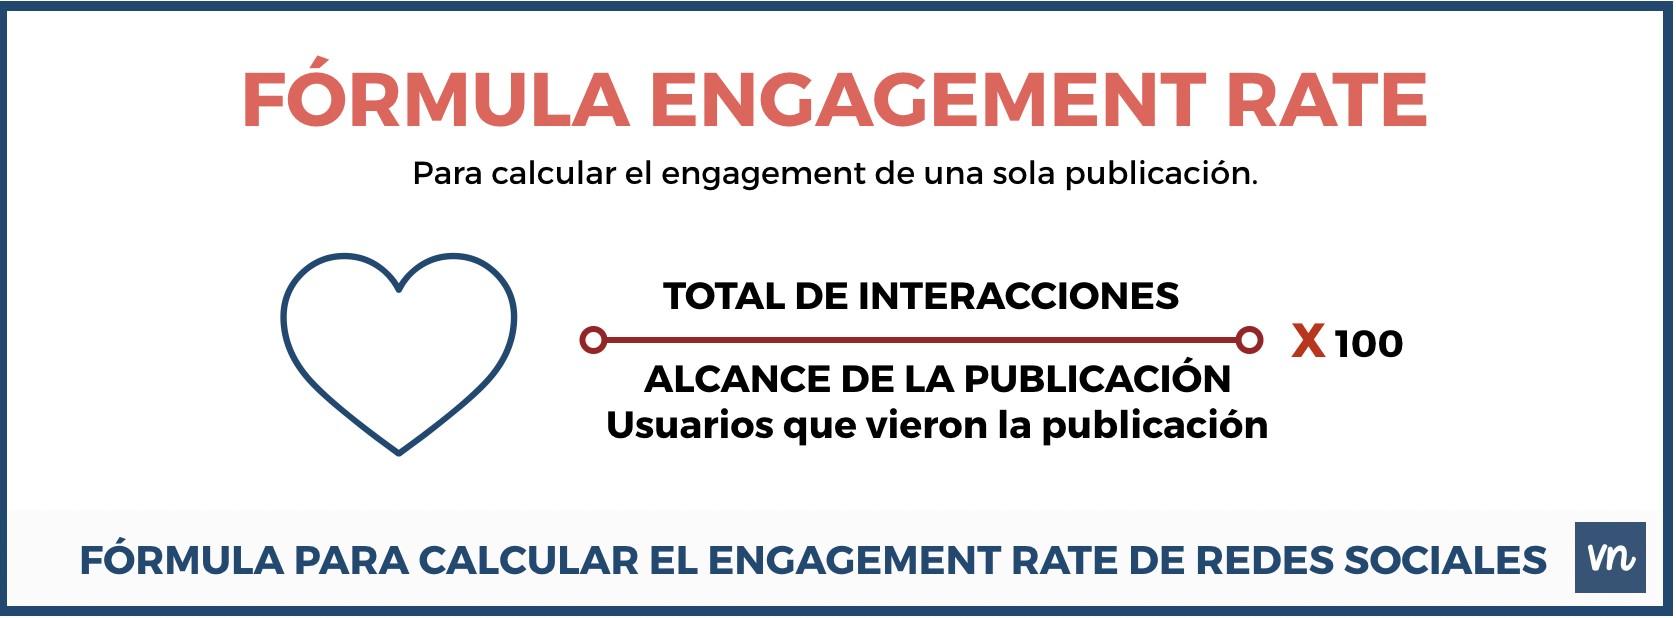 Fórmula de Vilma Nuñez para calcular el engagement en redes sociales